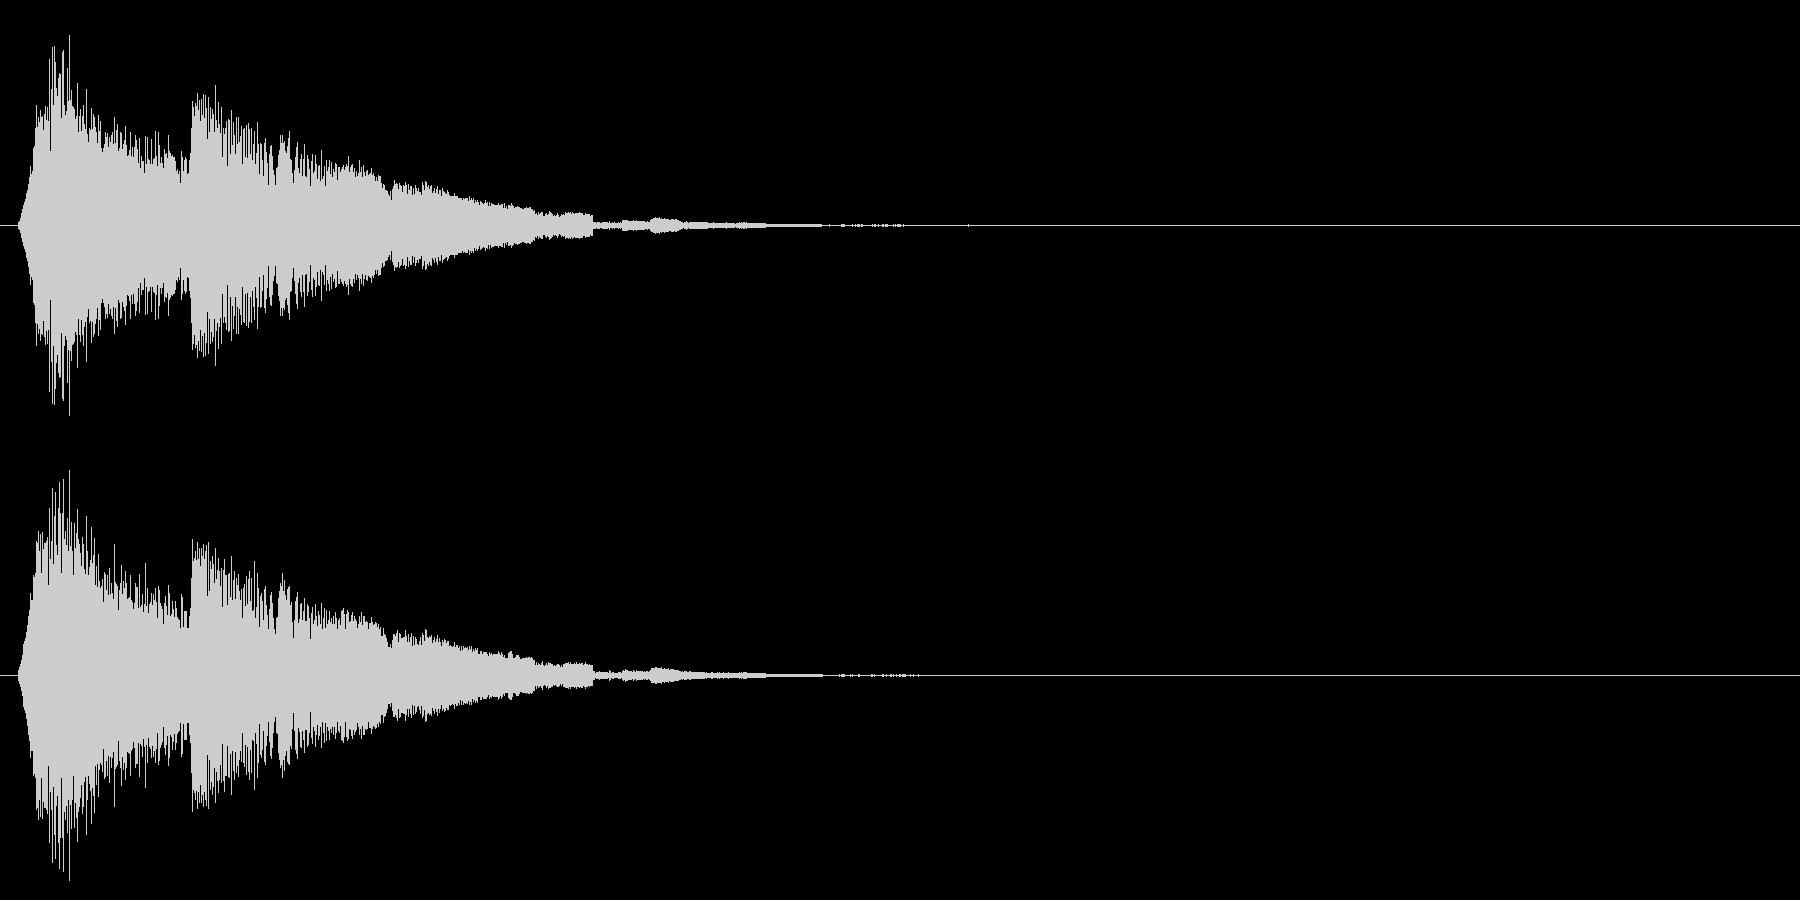 タッチ音/キラキラ/アプリの未再生の波形